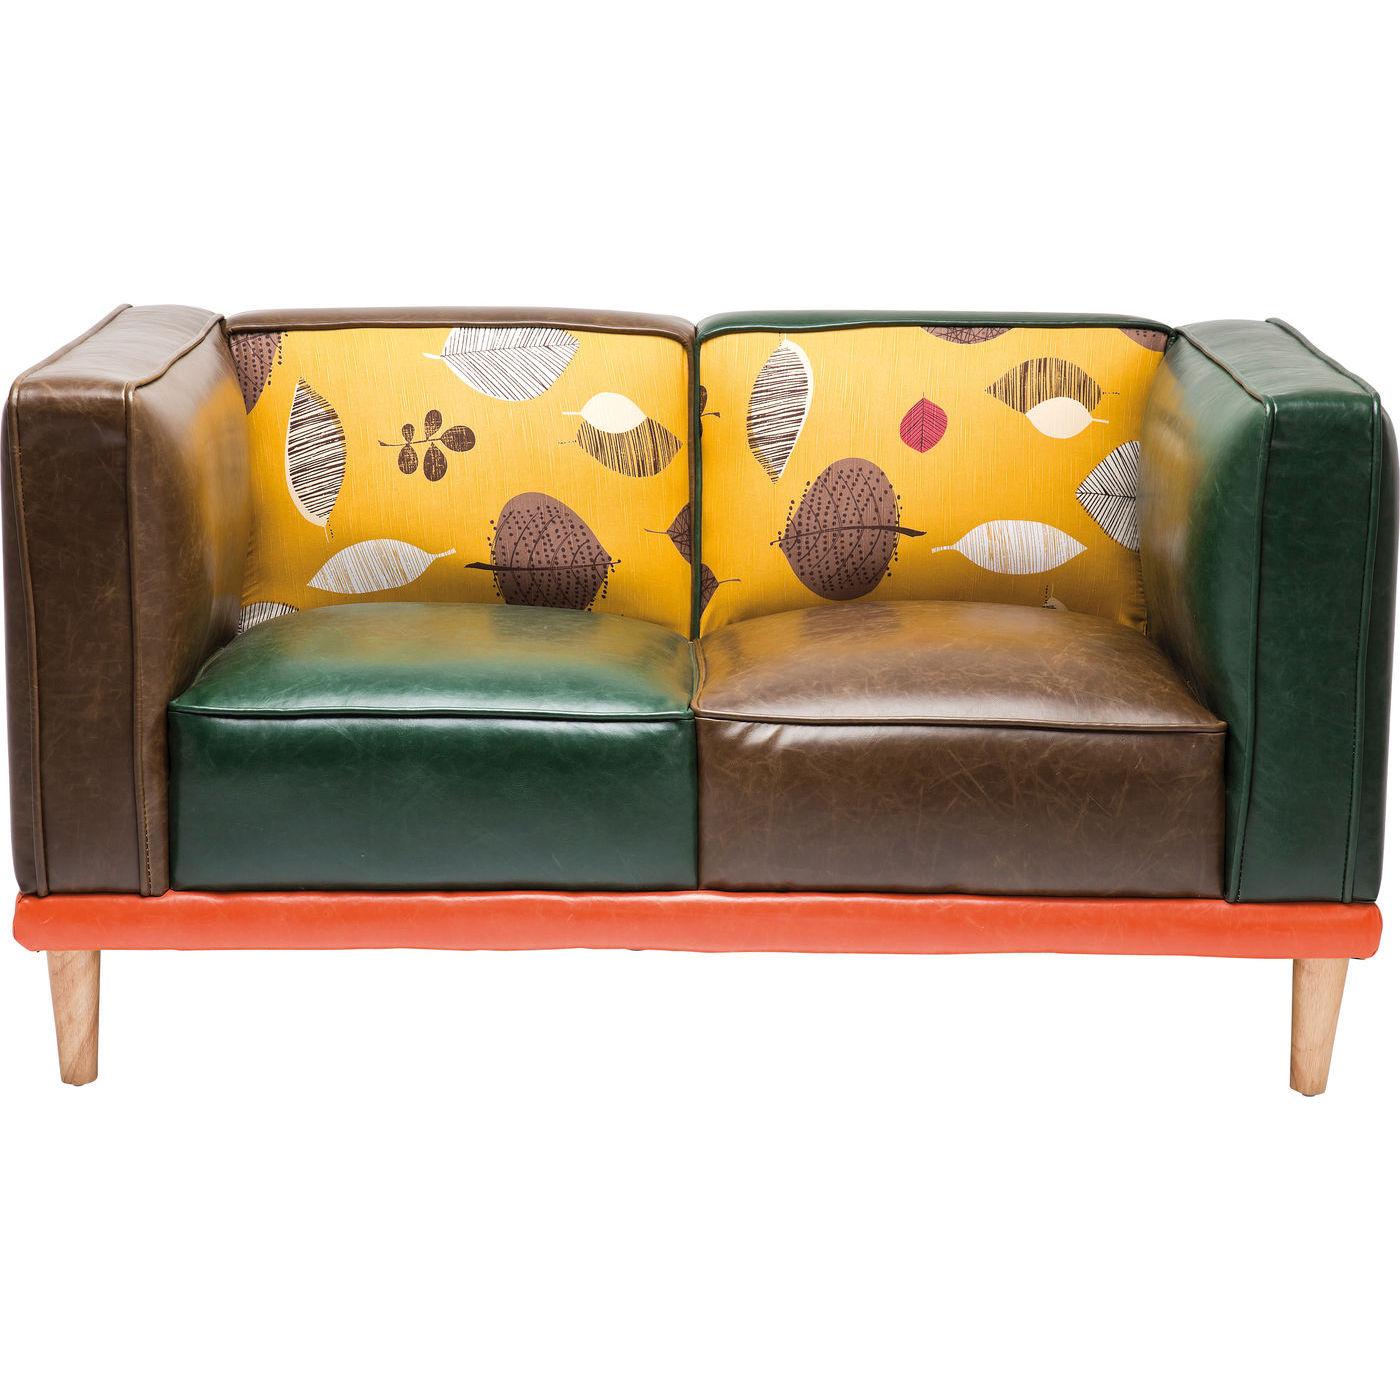 kare design Kare design sofa, leaf 2 pers. på boboonline.dk